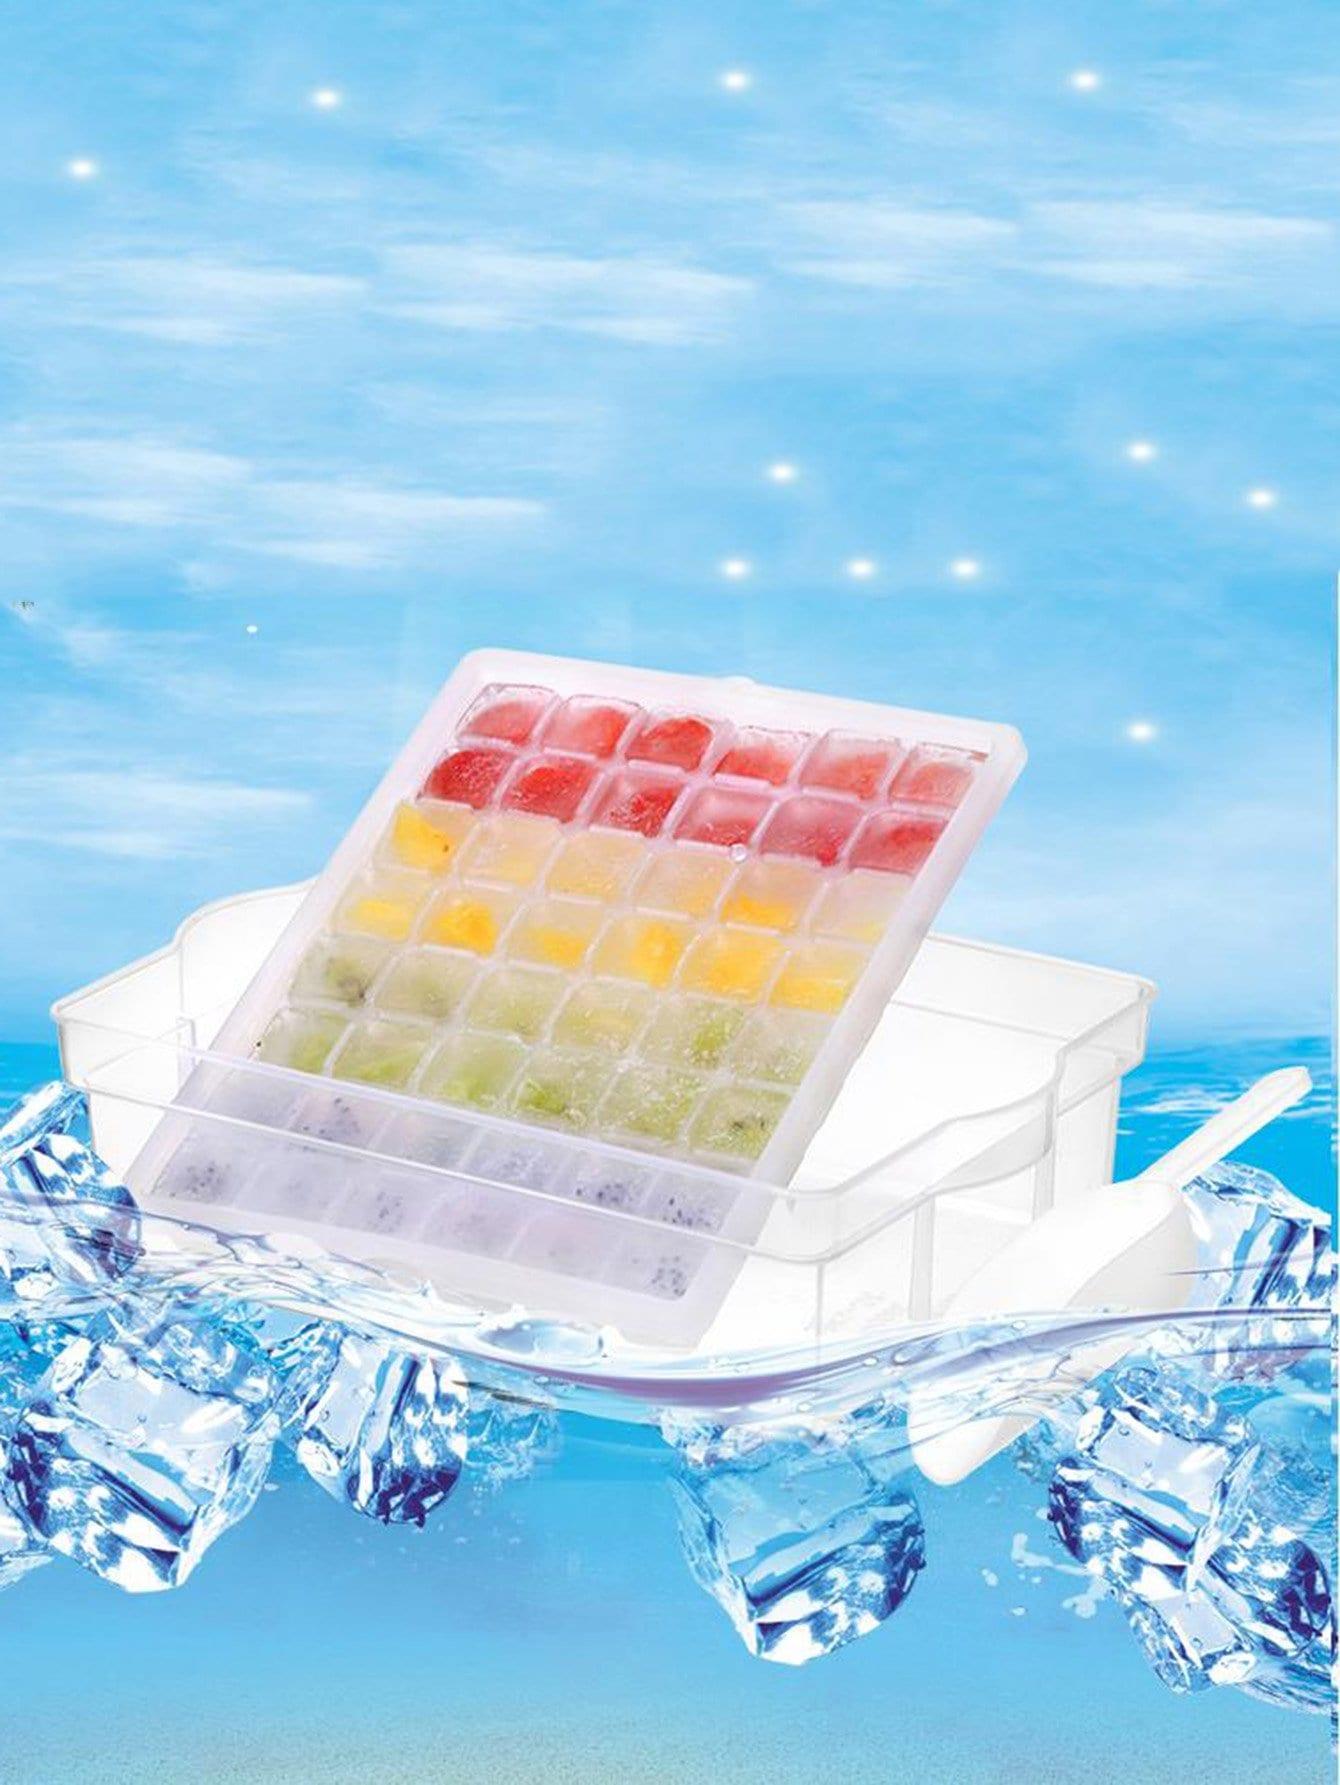 Lattice Ice Mold & Shovel & Box lattice ice mold